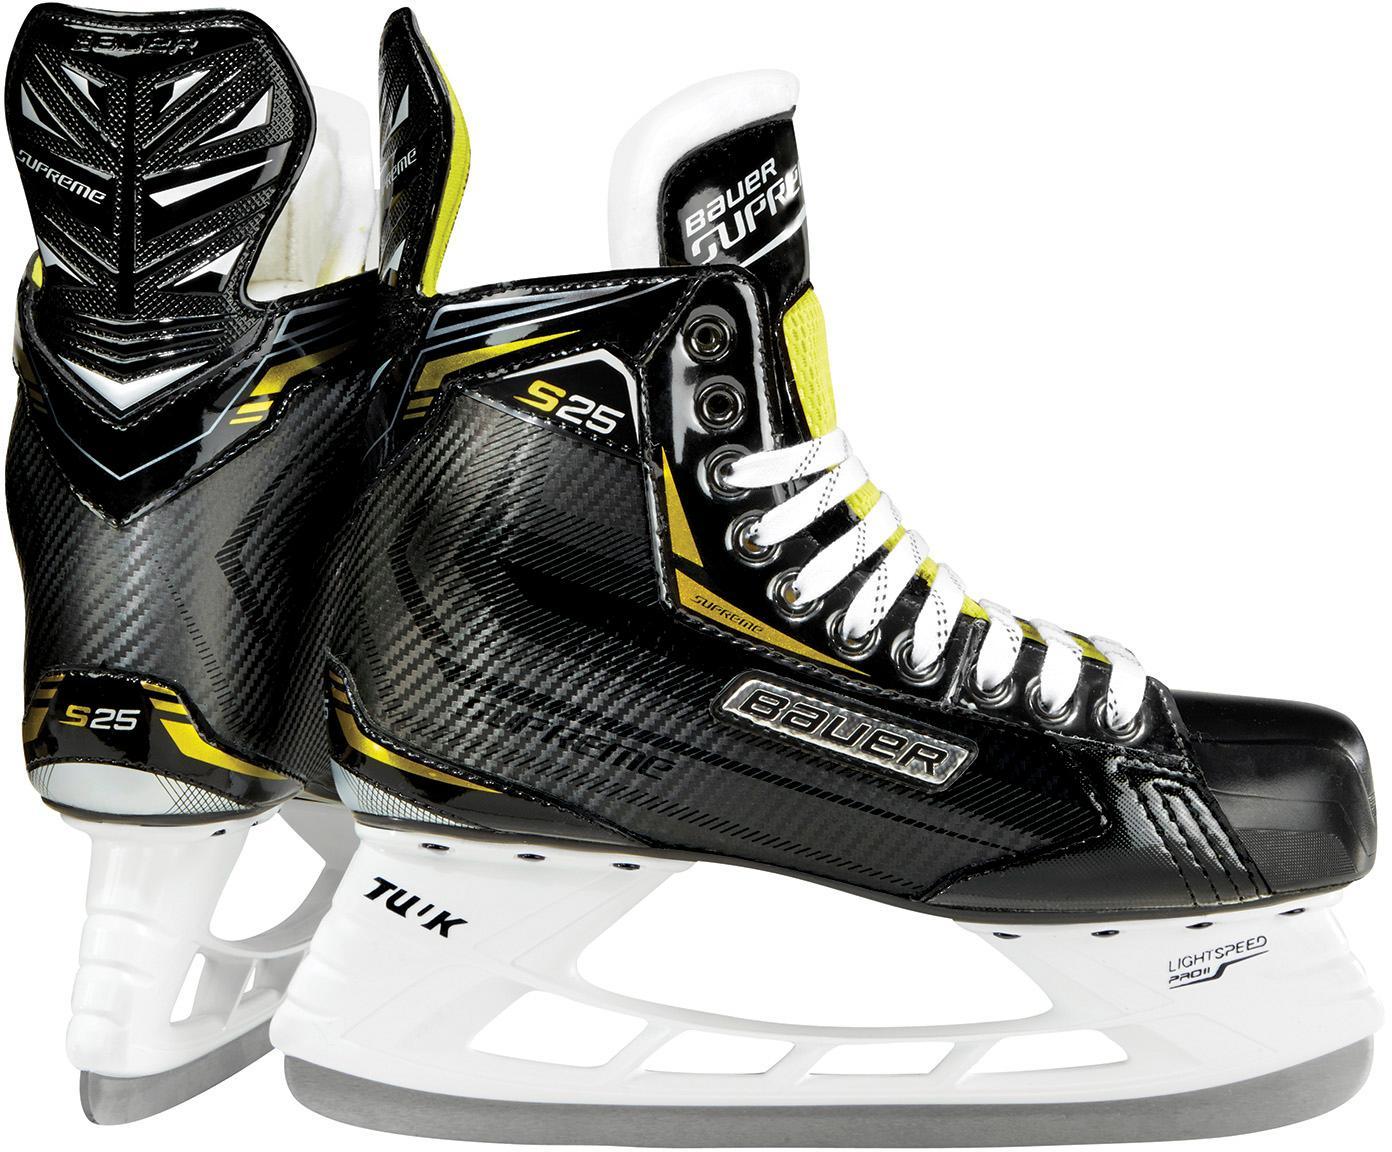 BAUER Supreme S25 Schlittschuhe Herren schwarz schwarz schwarz im Online Shop von SportScheck kaufen Gute Qualität beliebte Schuhe bbdb55